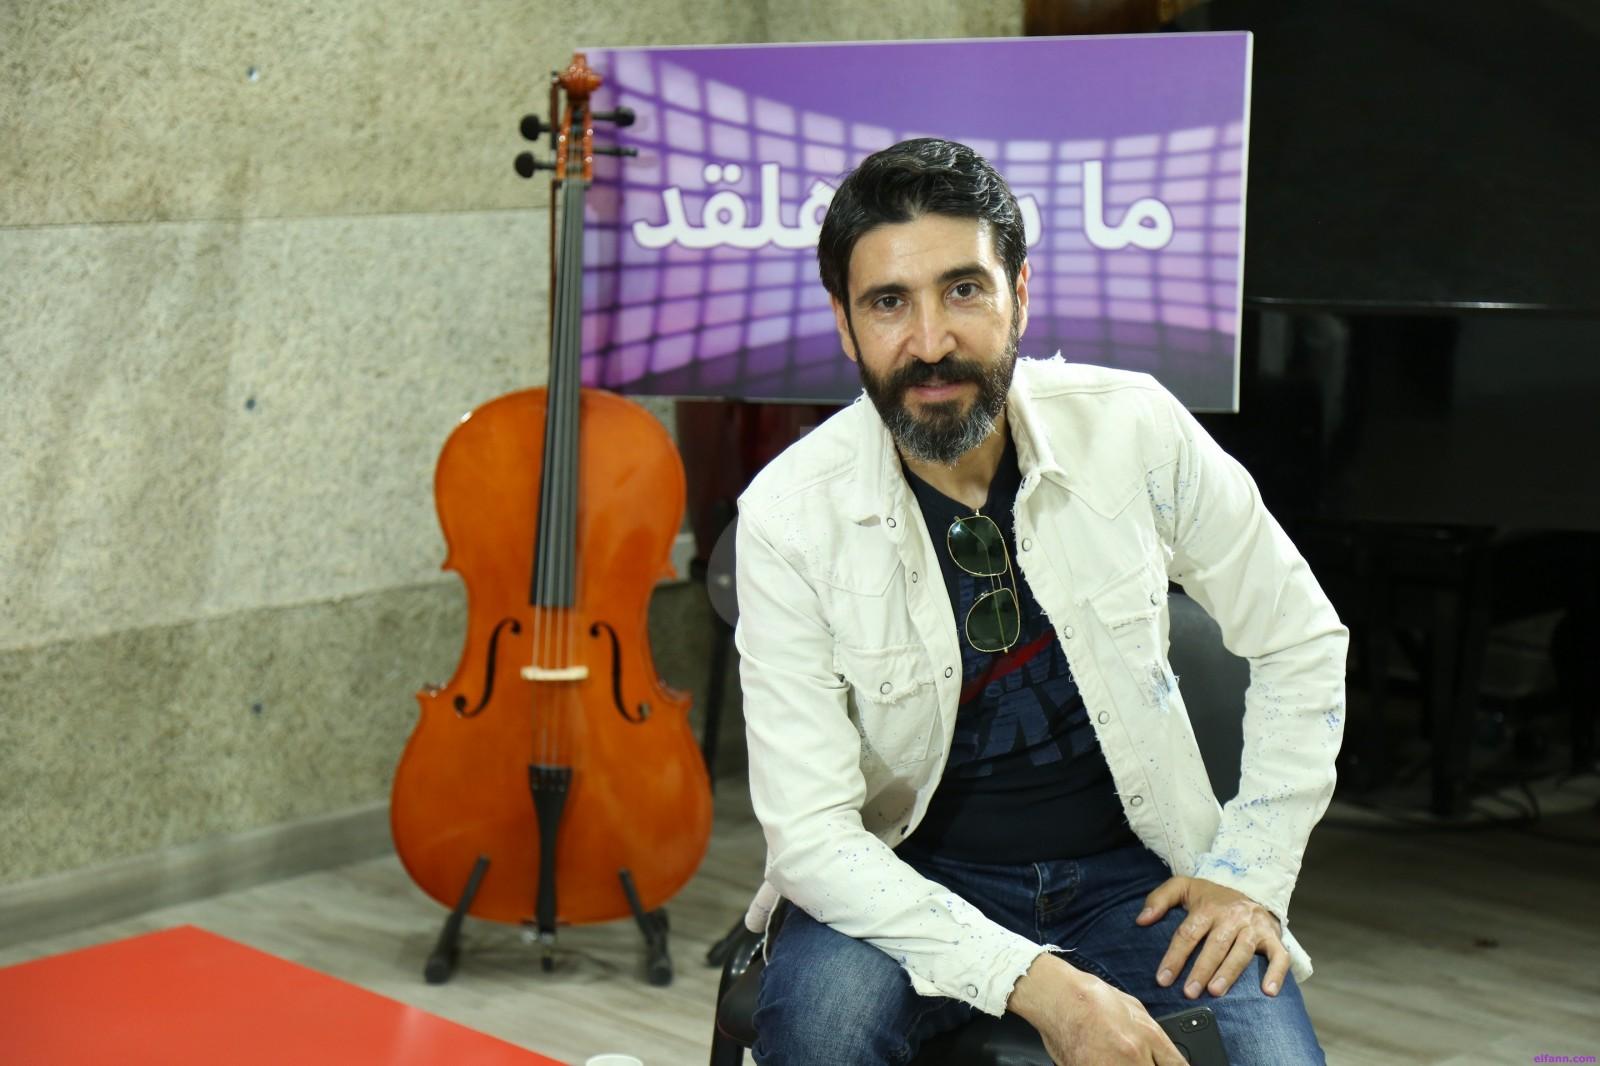 """خاص وبالفيديو- وسام صباغ :""""تعلمت كثيراً من عملي في هذا المسلسل"""" وهذا ما قاله عن باسم مغنية"""